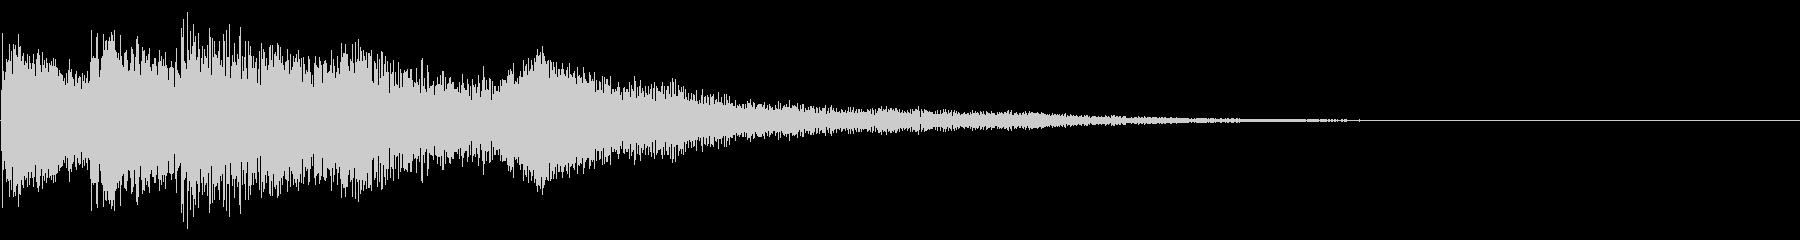 チャイム 3の未再生の波形